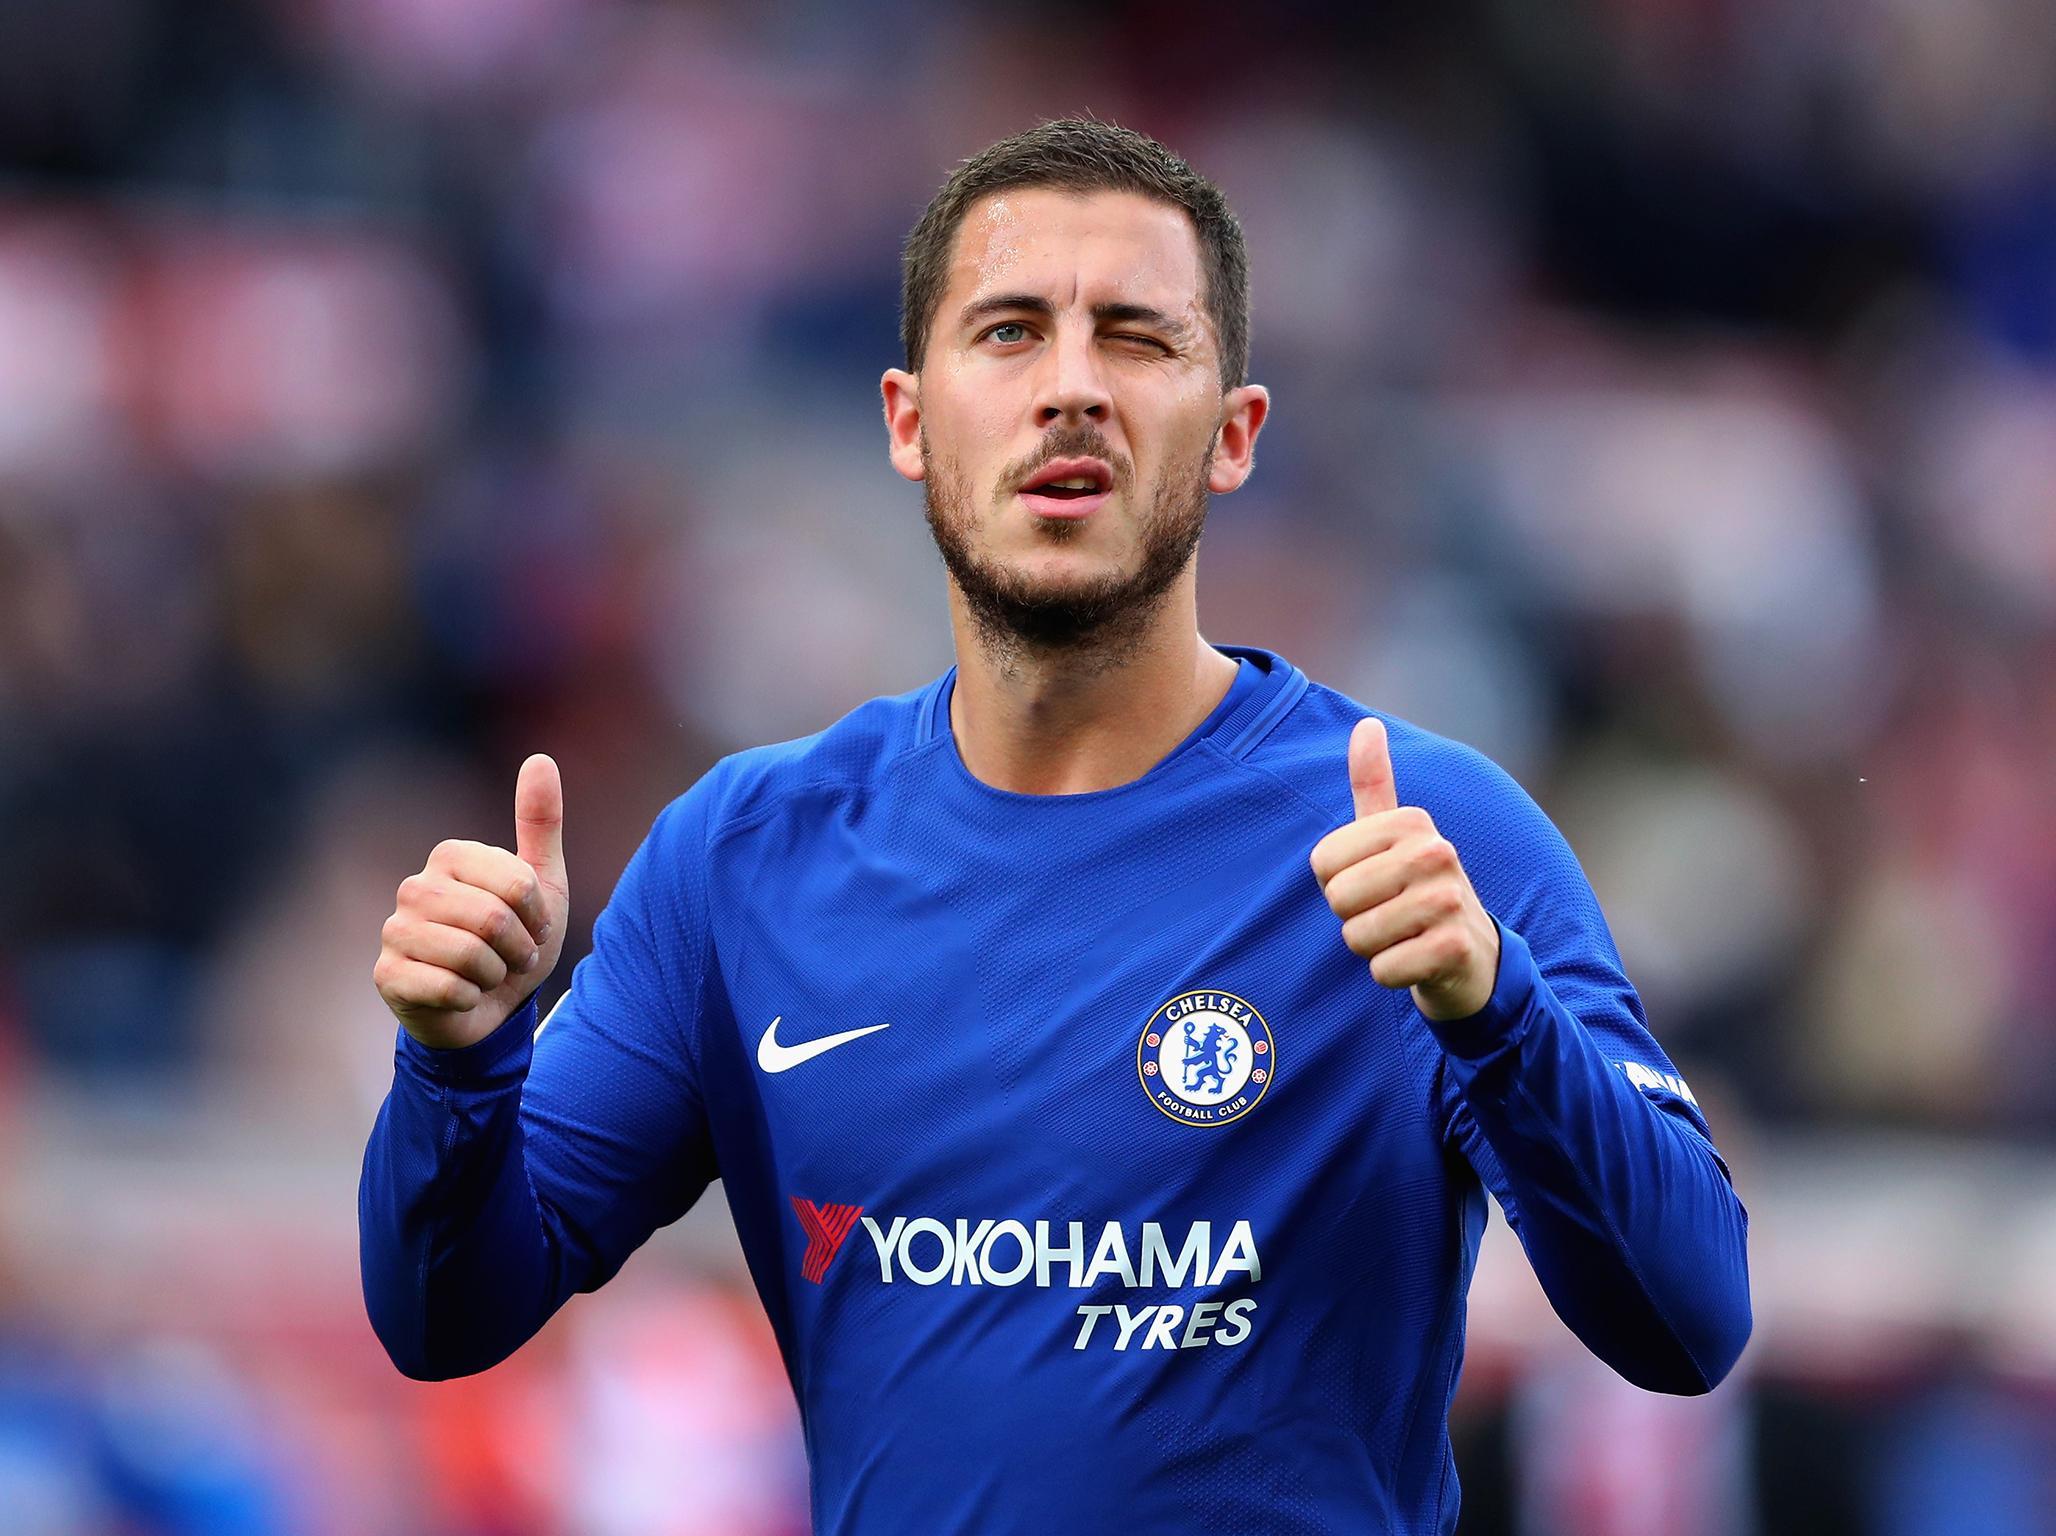 Chelsea transfer news: Eden Hazard responds to speculation ...